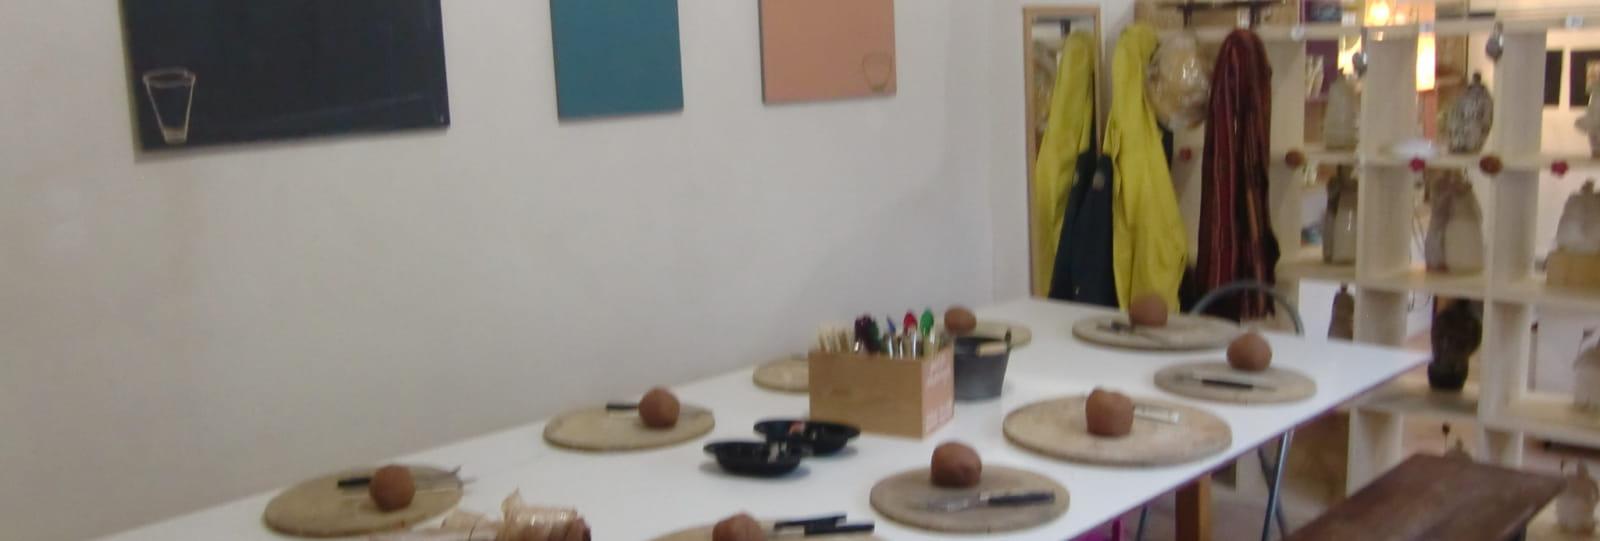 Atelier Pot & Cie